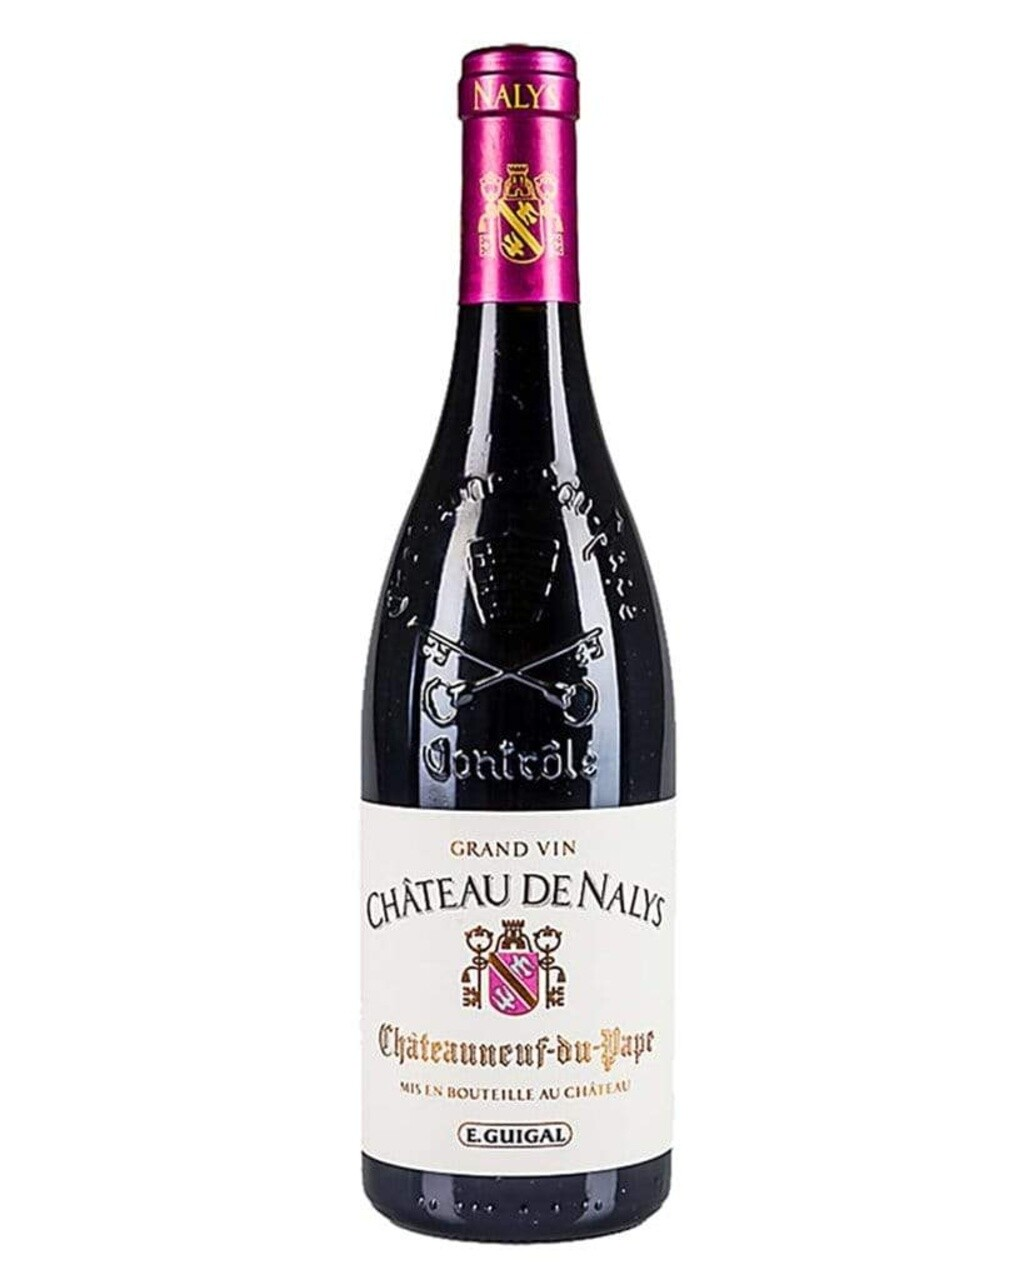 Guigal Chateauneuf Du Pape Grand Vin Chateau de Nalys 2016